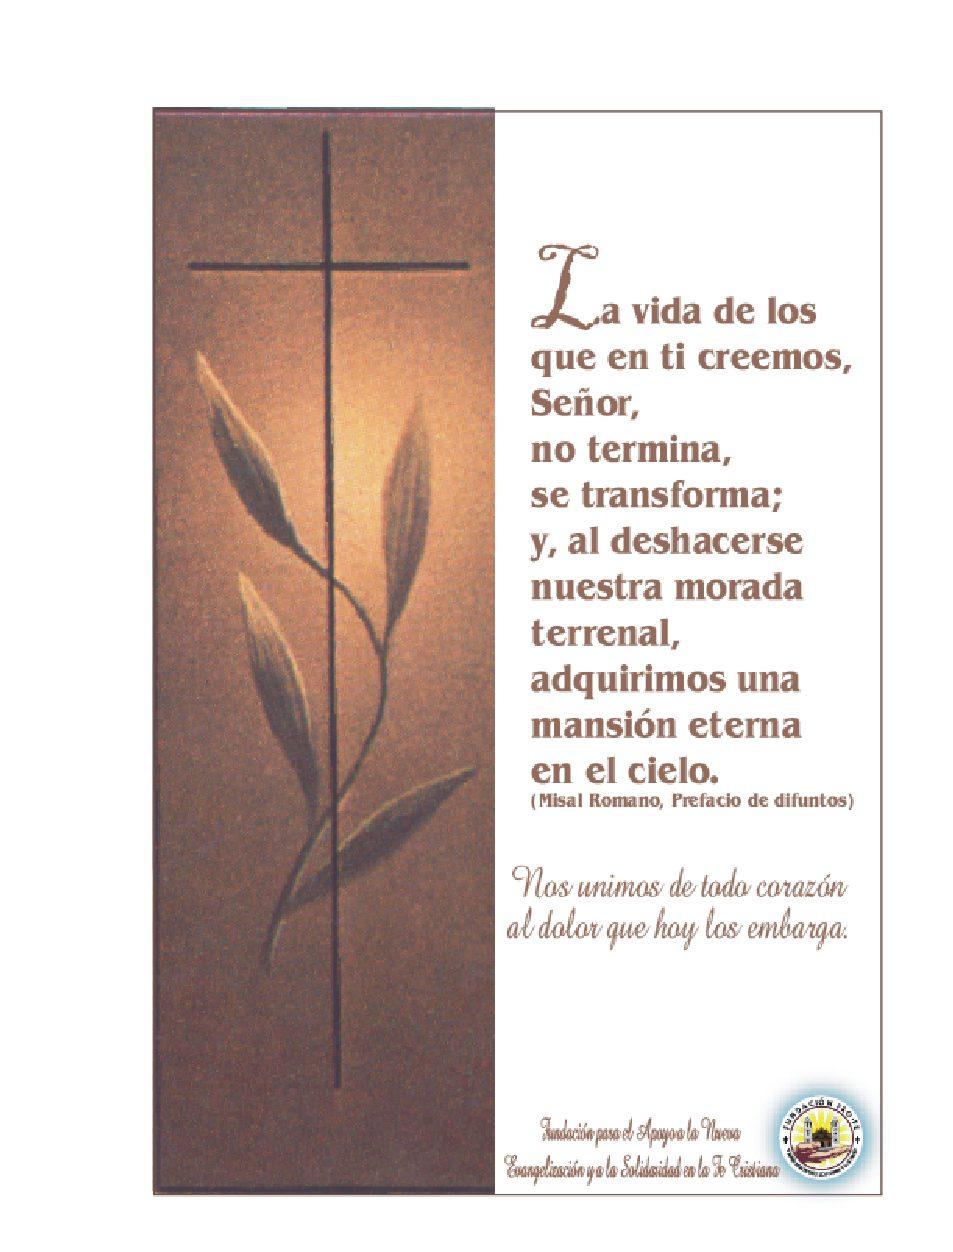 Tarjetas De Condolencias, Pesame, Condolencia |Meicy - Chile|